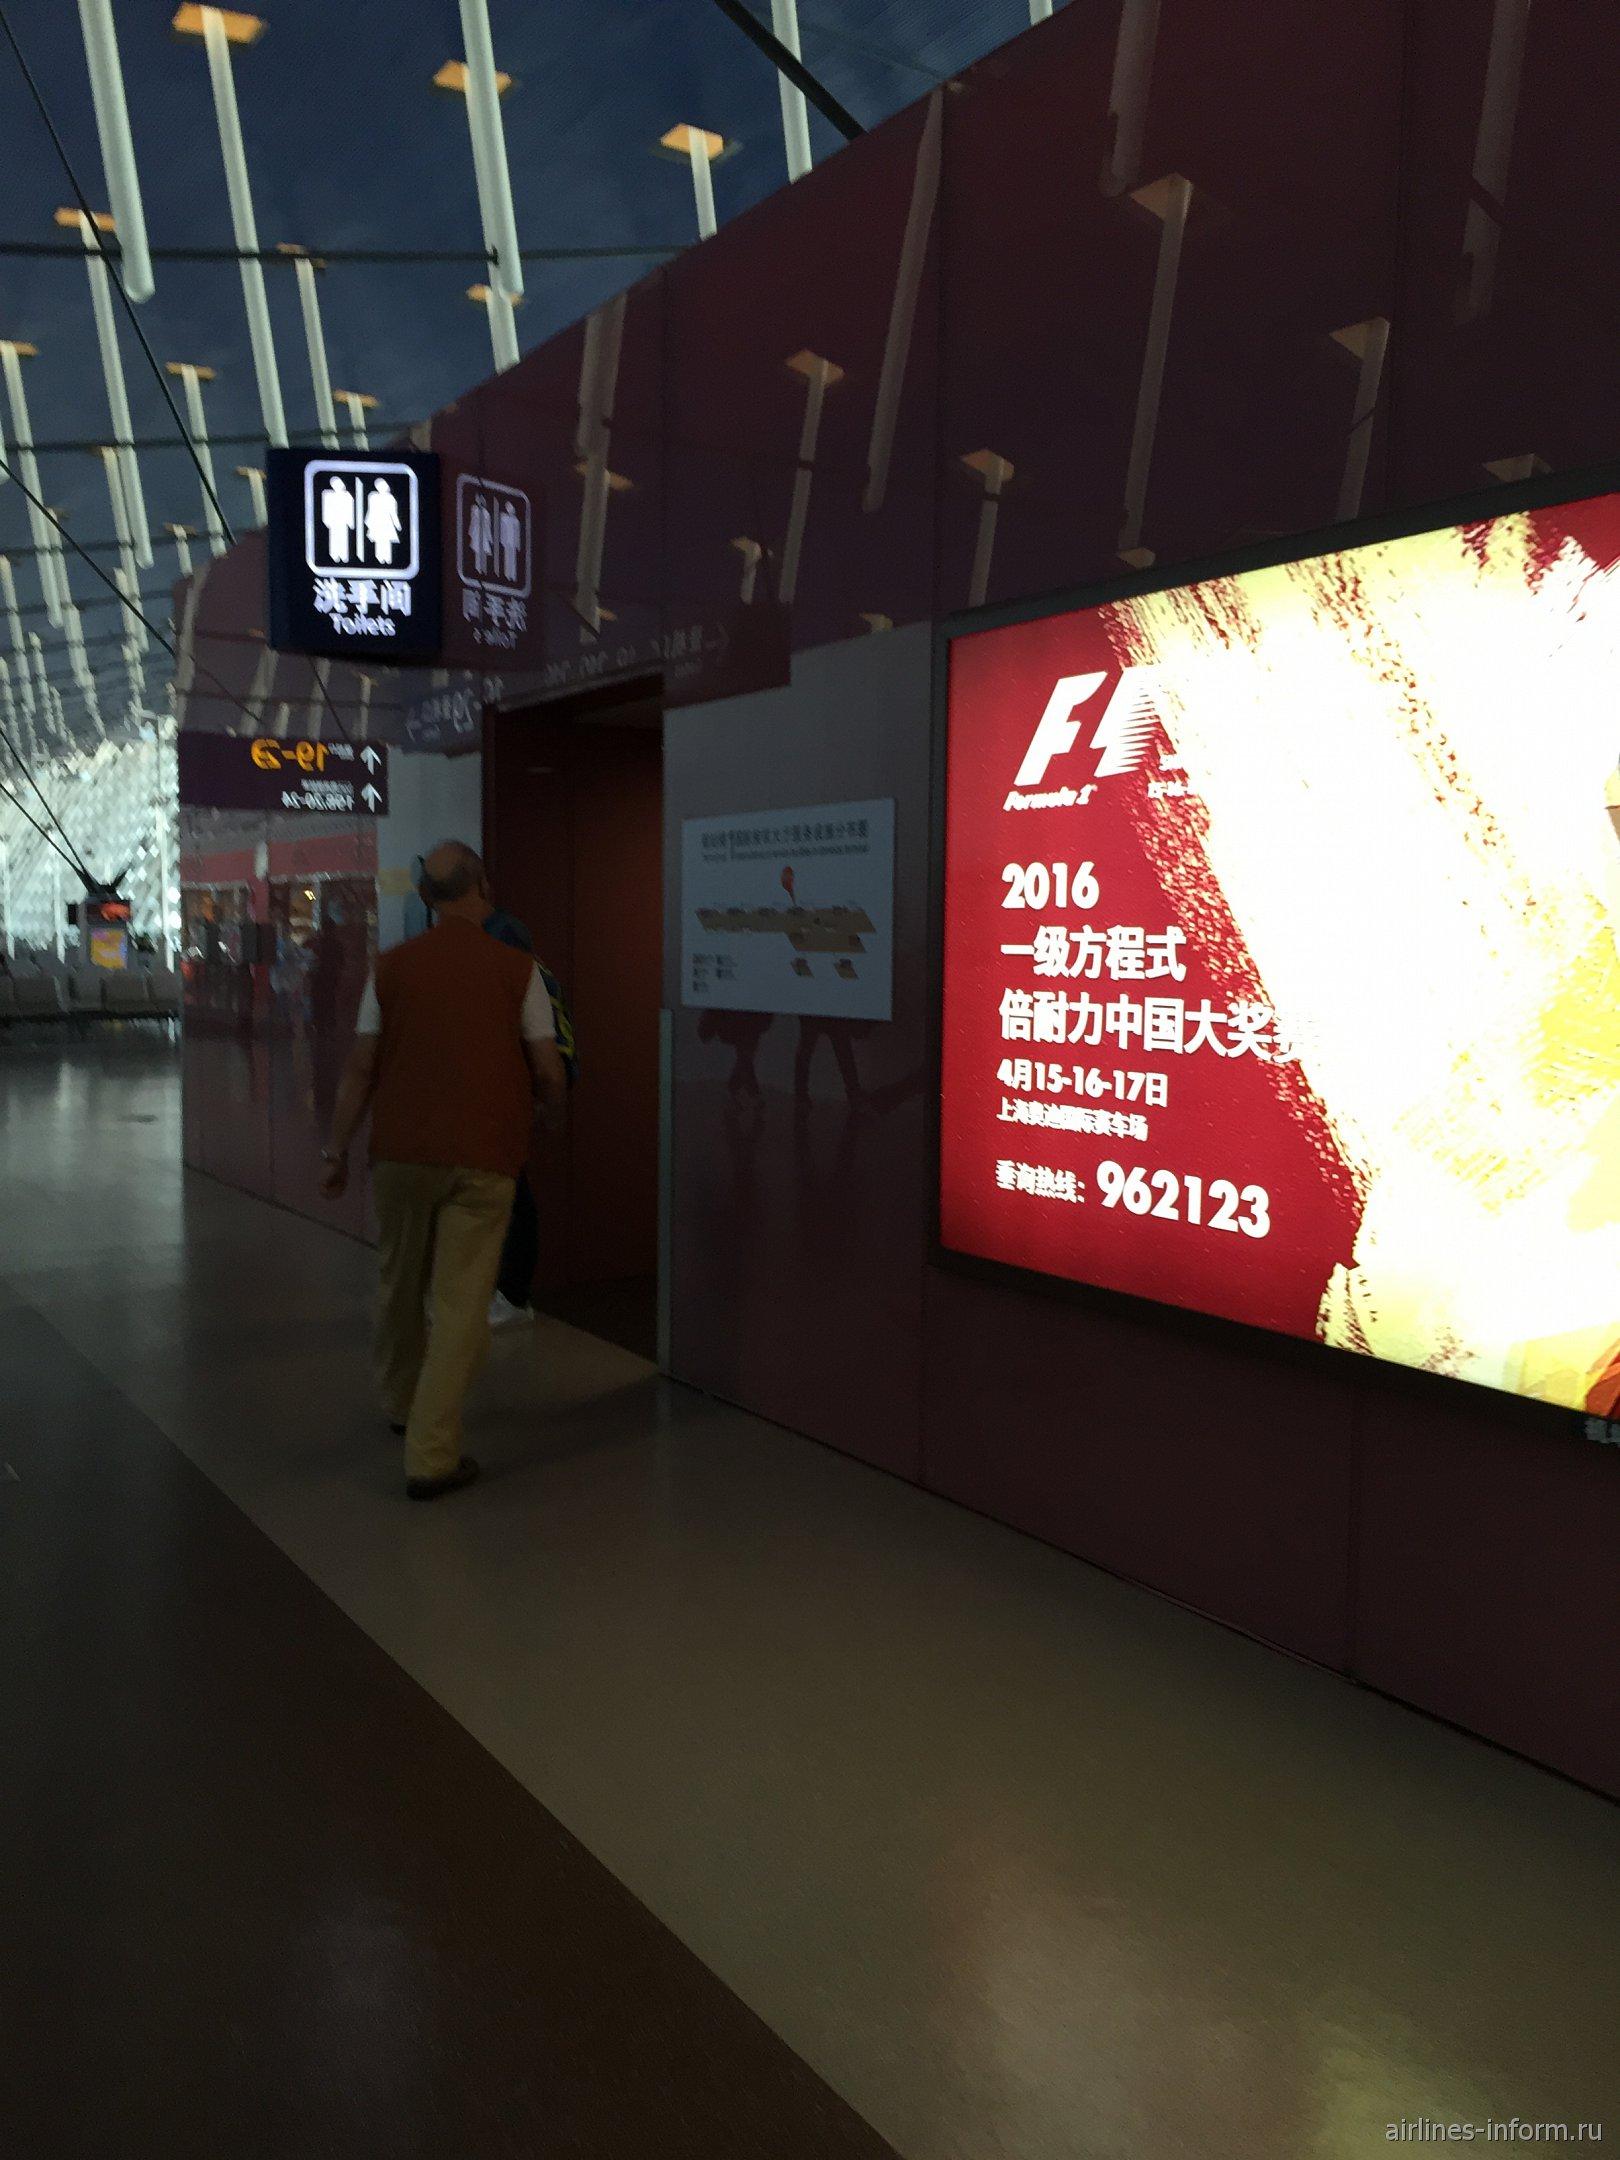 Форум авиакомпании China Eastern Airlines Китайские Восточные